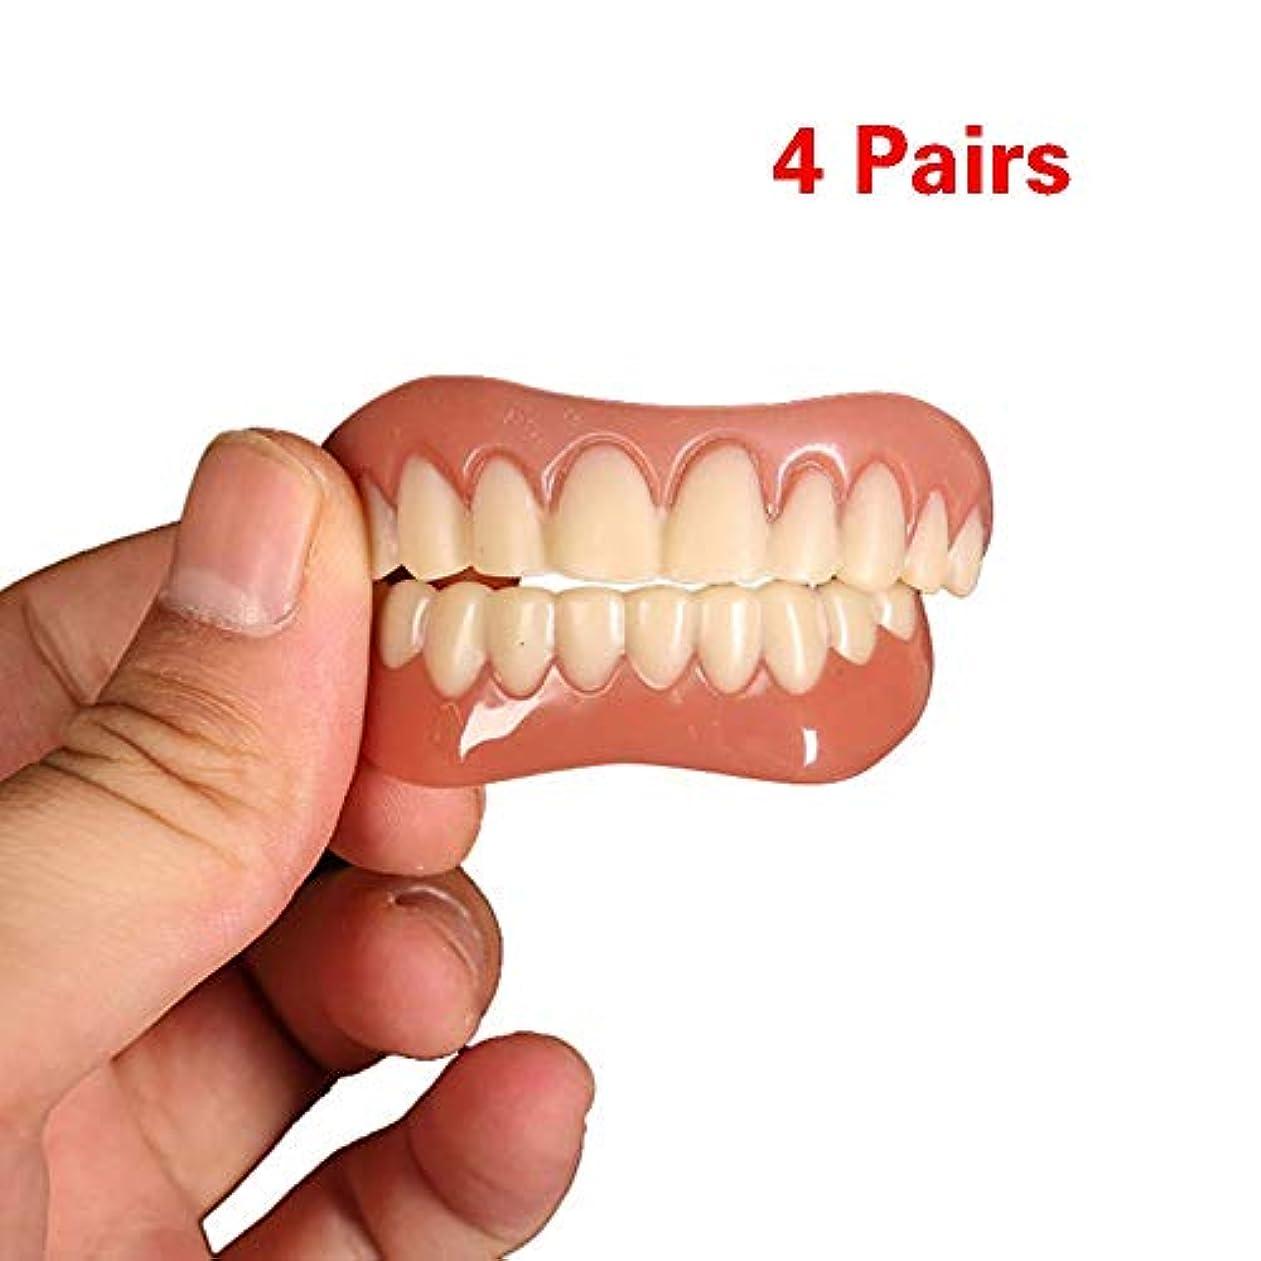 寝室脊椎叙情的な8本の歯の快適さフィットフレックス化粧品の歯義歯の歯のトップ化粧品のベニヤシミュレーションブレース(4下+ 4トップ)